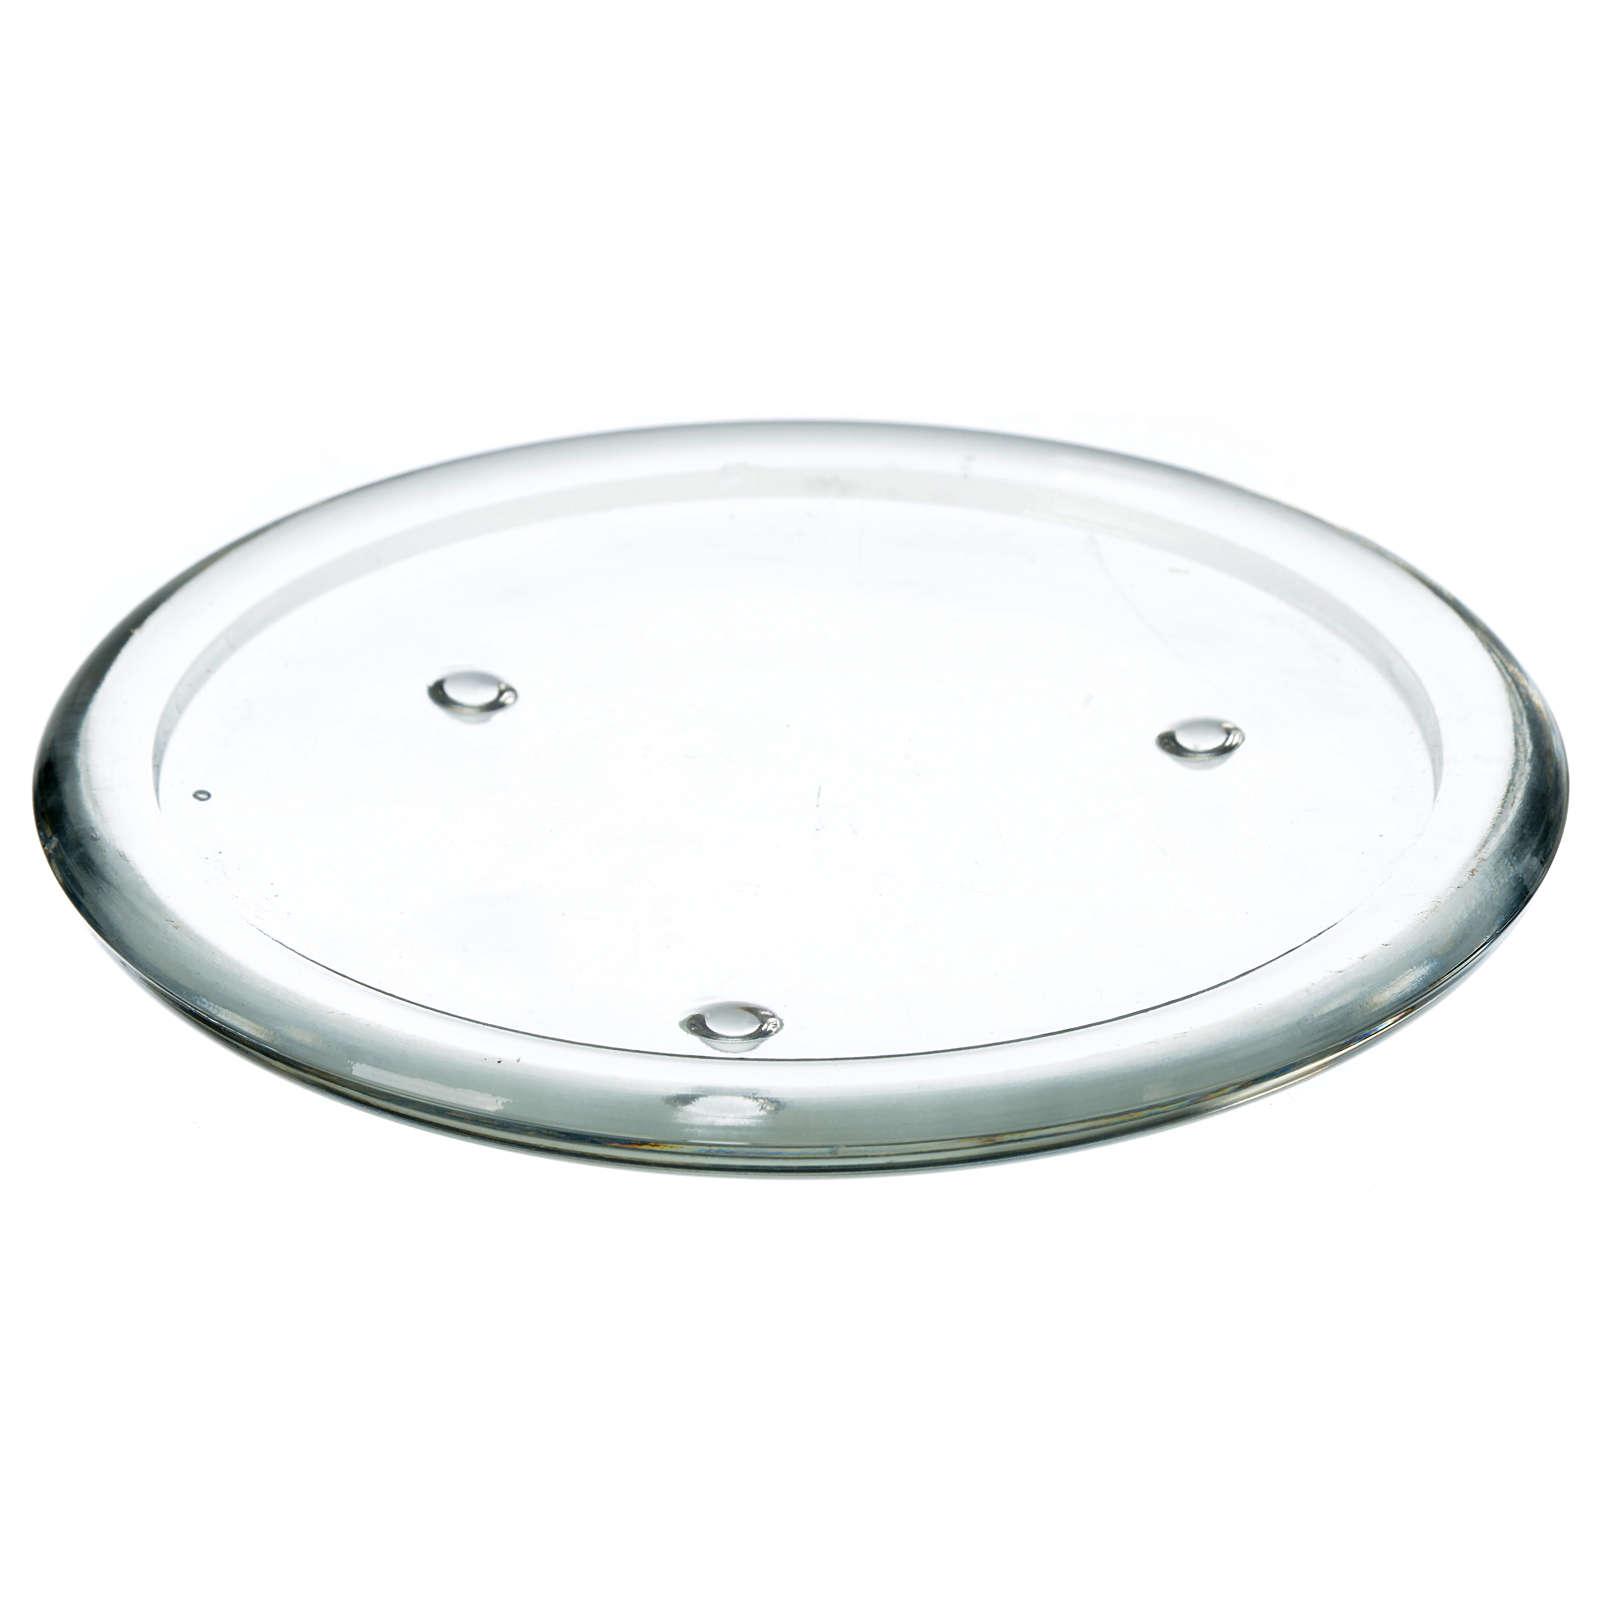 Plato de vidrio para velas 12,5 cm 3